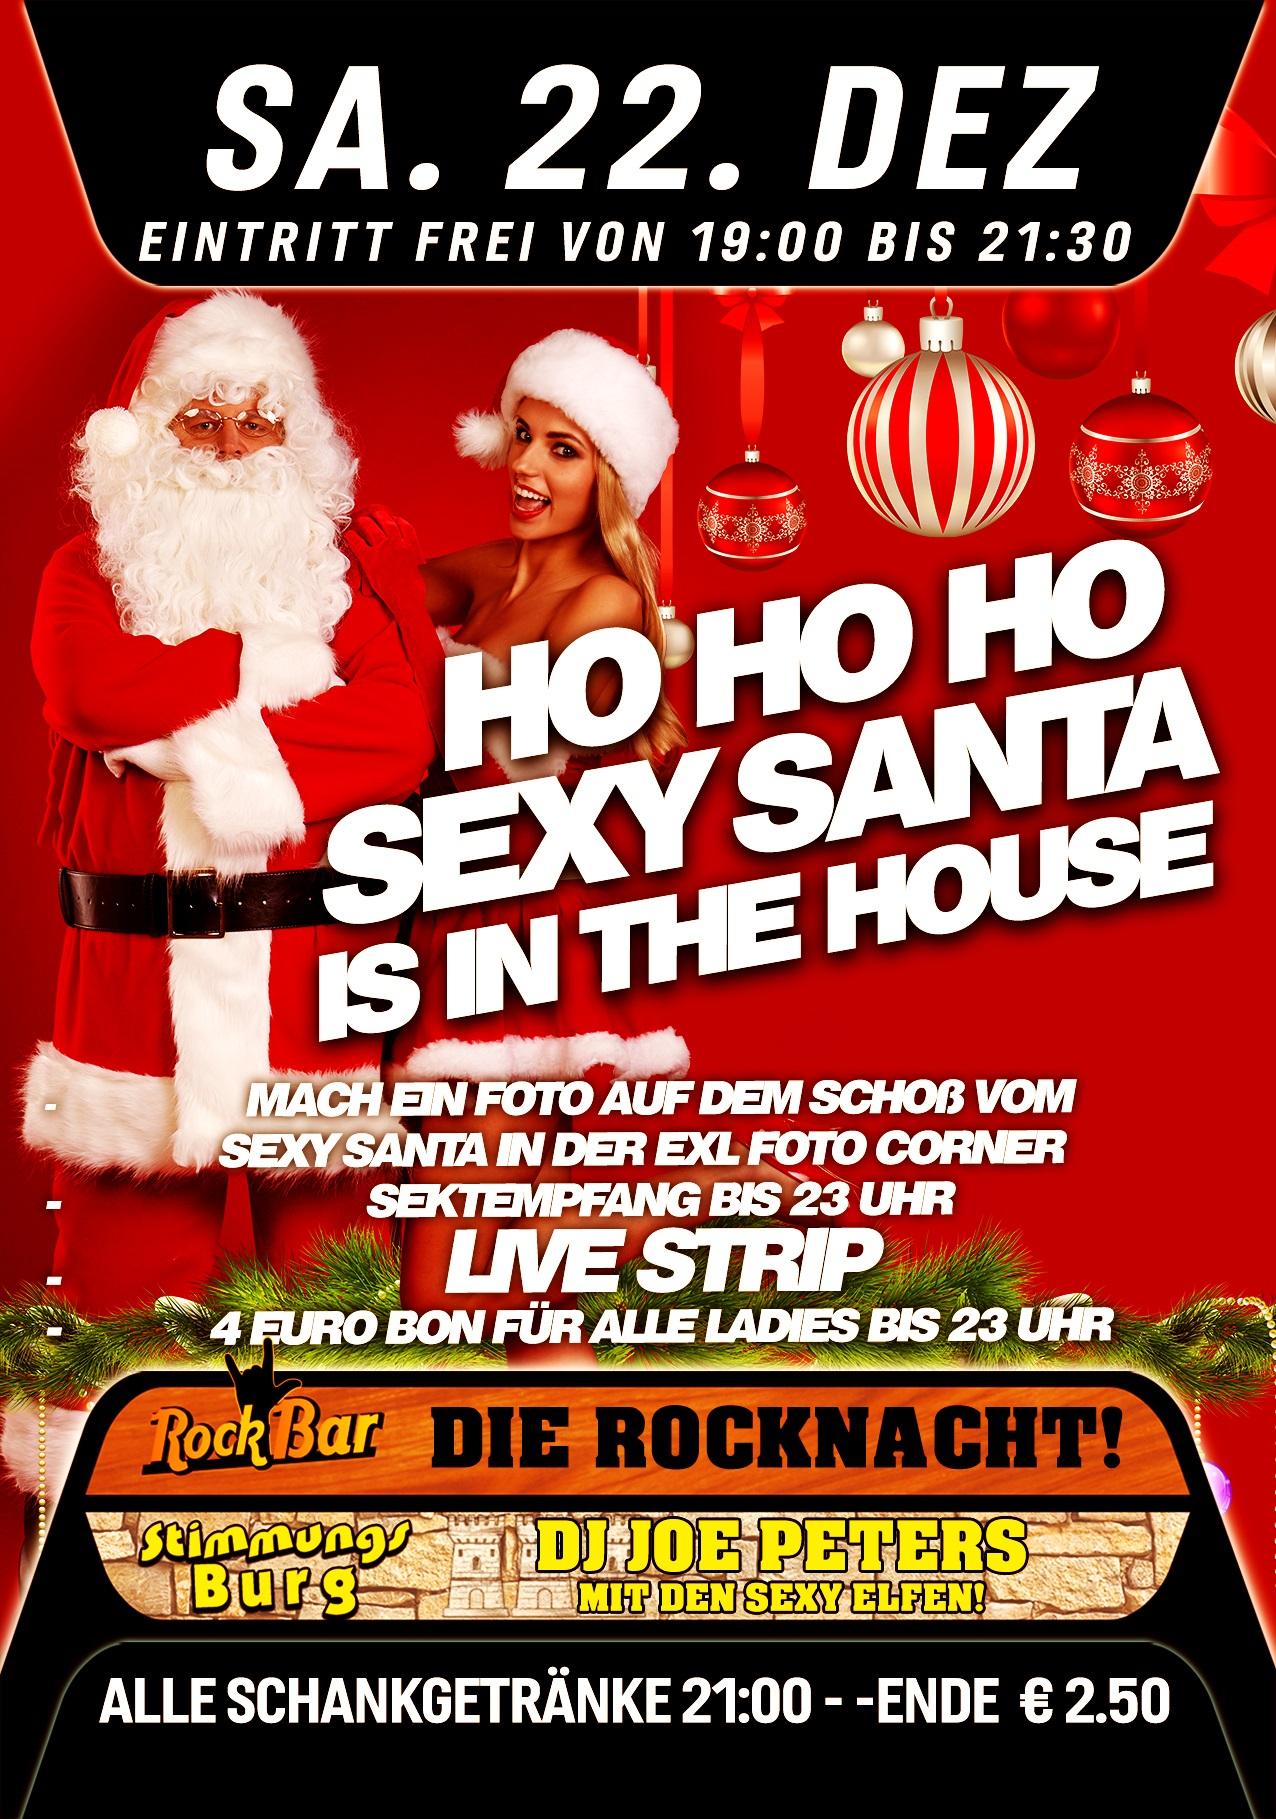 HOHOHO - Sexy Santa is in the House